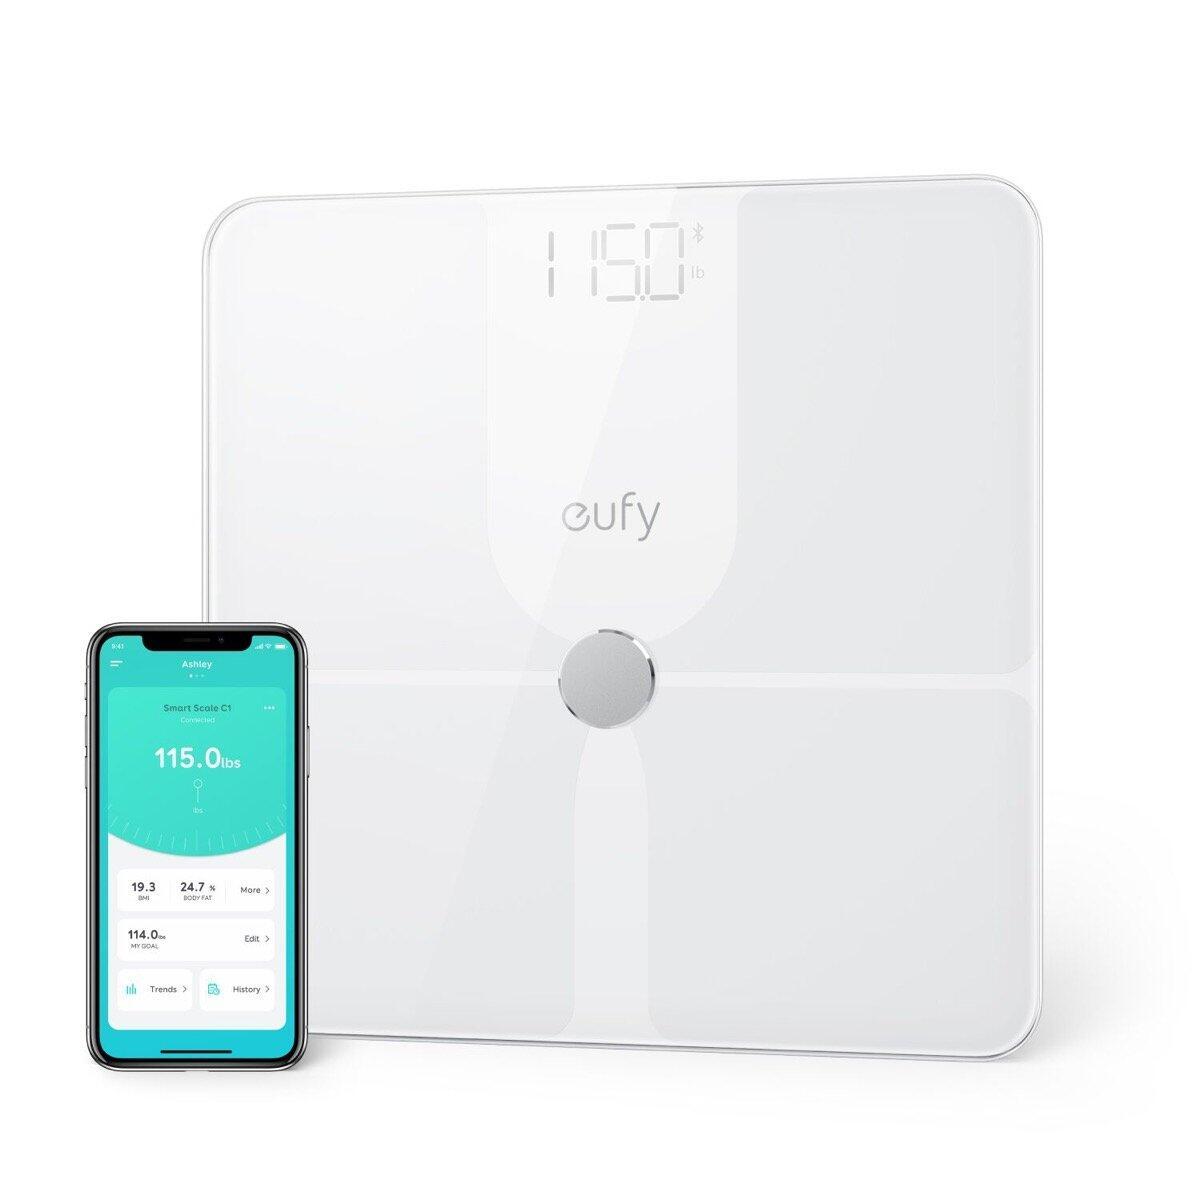 Eufy Smart Scale Weiss